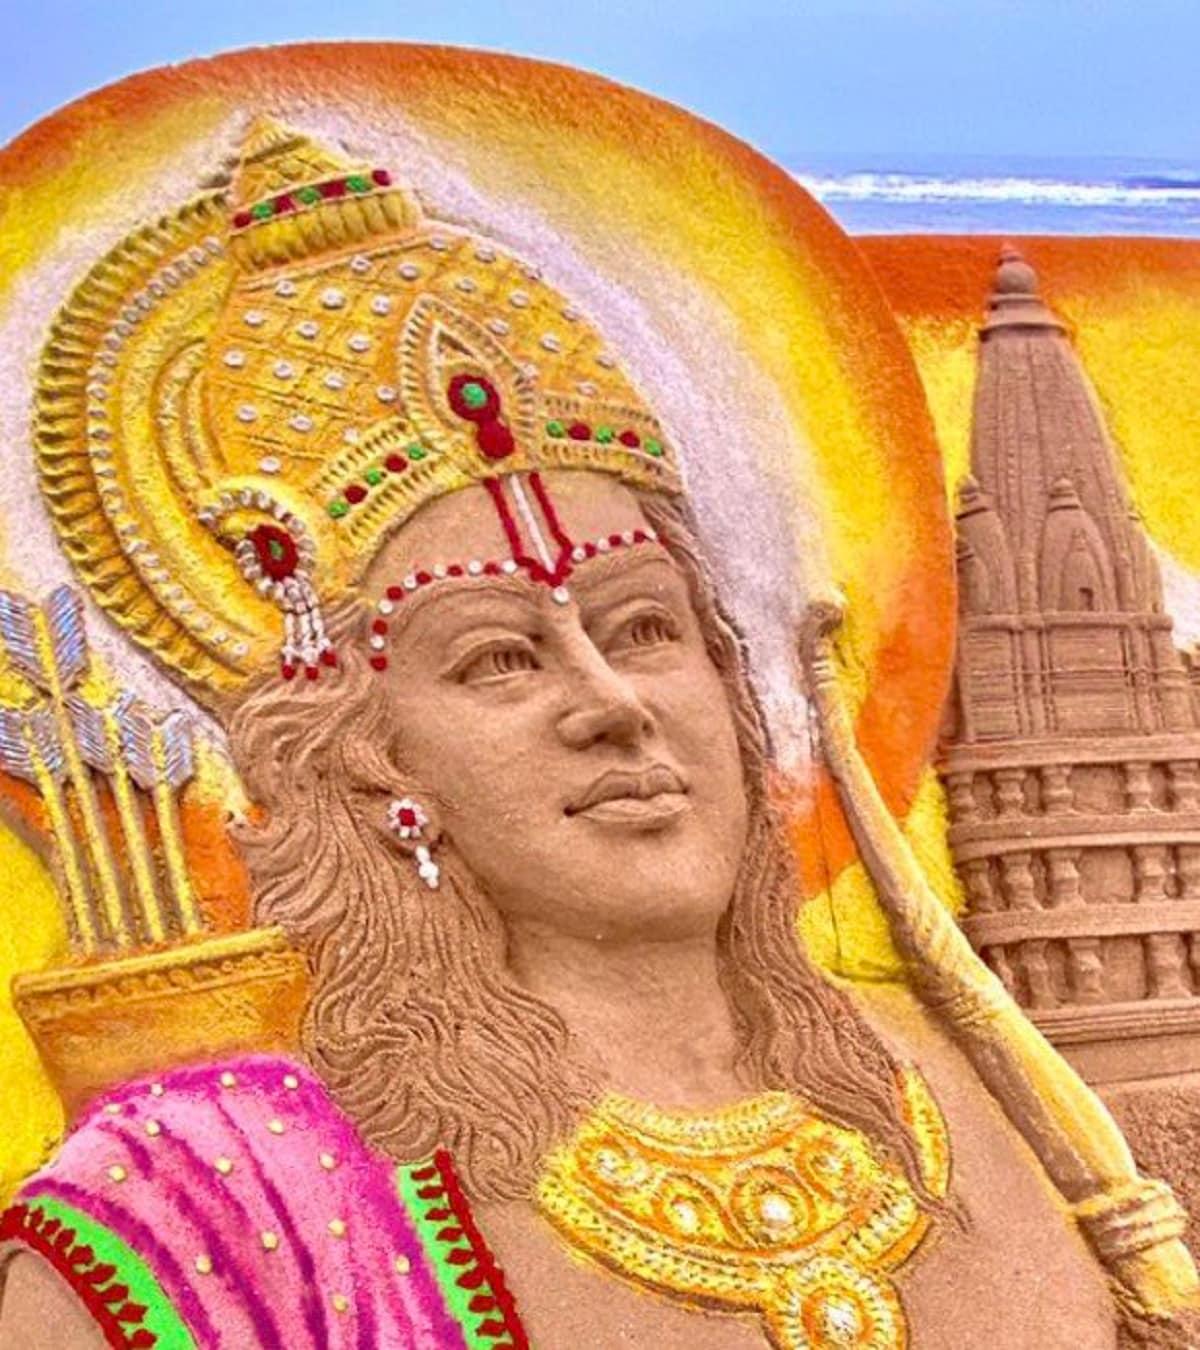 ভগবান শ্রী রামকে শ্রদ্ধা জানাতেই এই সুন্দর শিল্পটি তৈরি করেন তিনি। যা ইতিমধ্যে সকলের কাছে প্রশংসিত। photo source collected